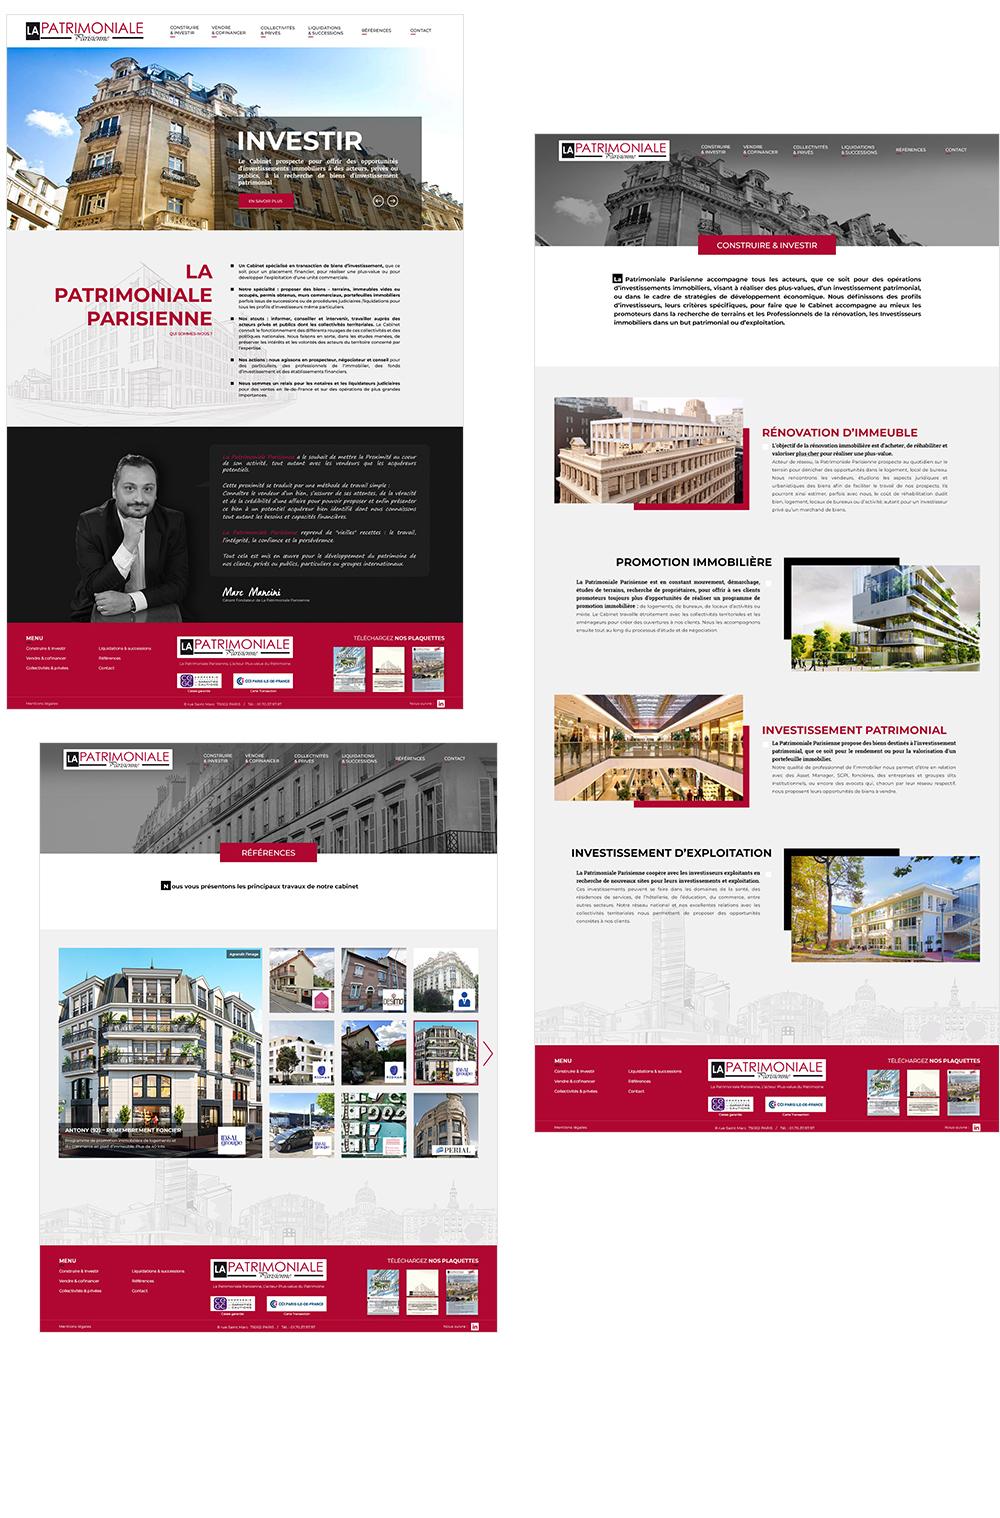 La Patrimoniale parisienne